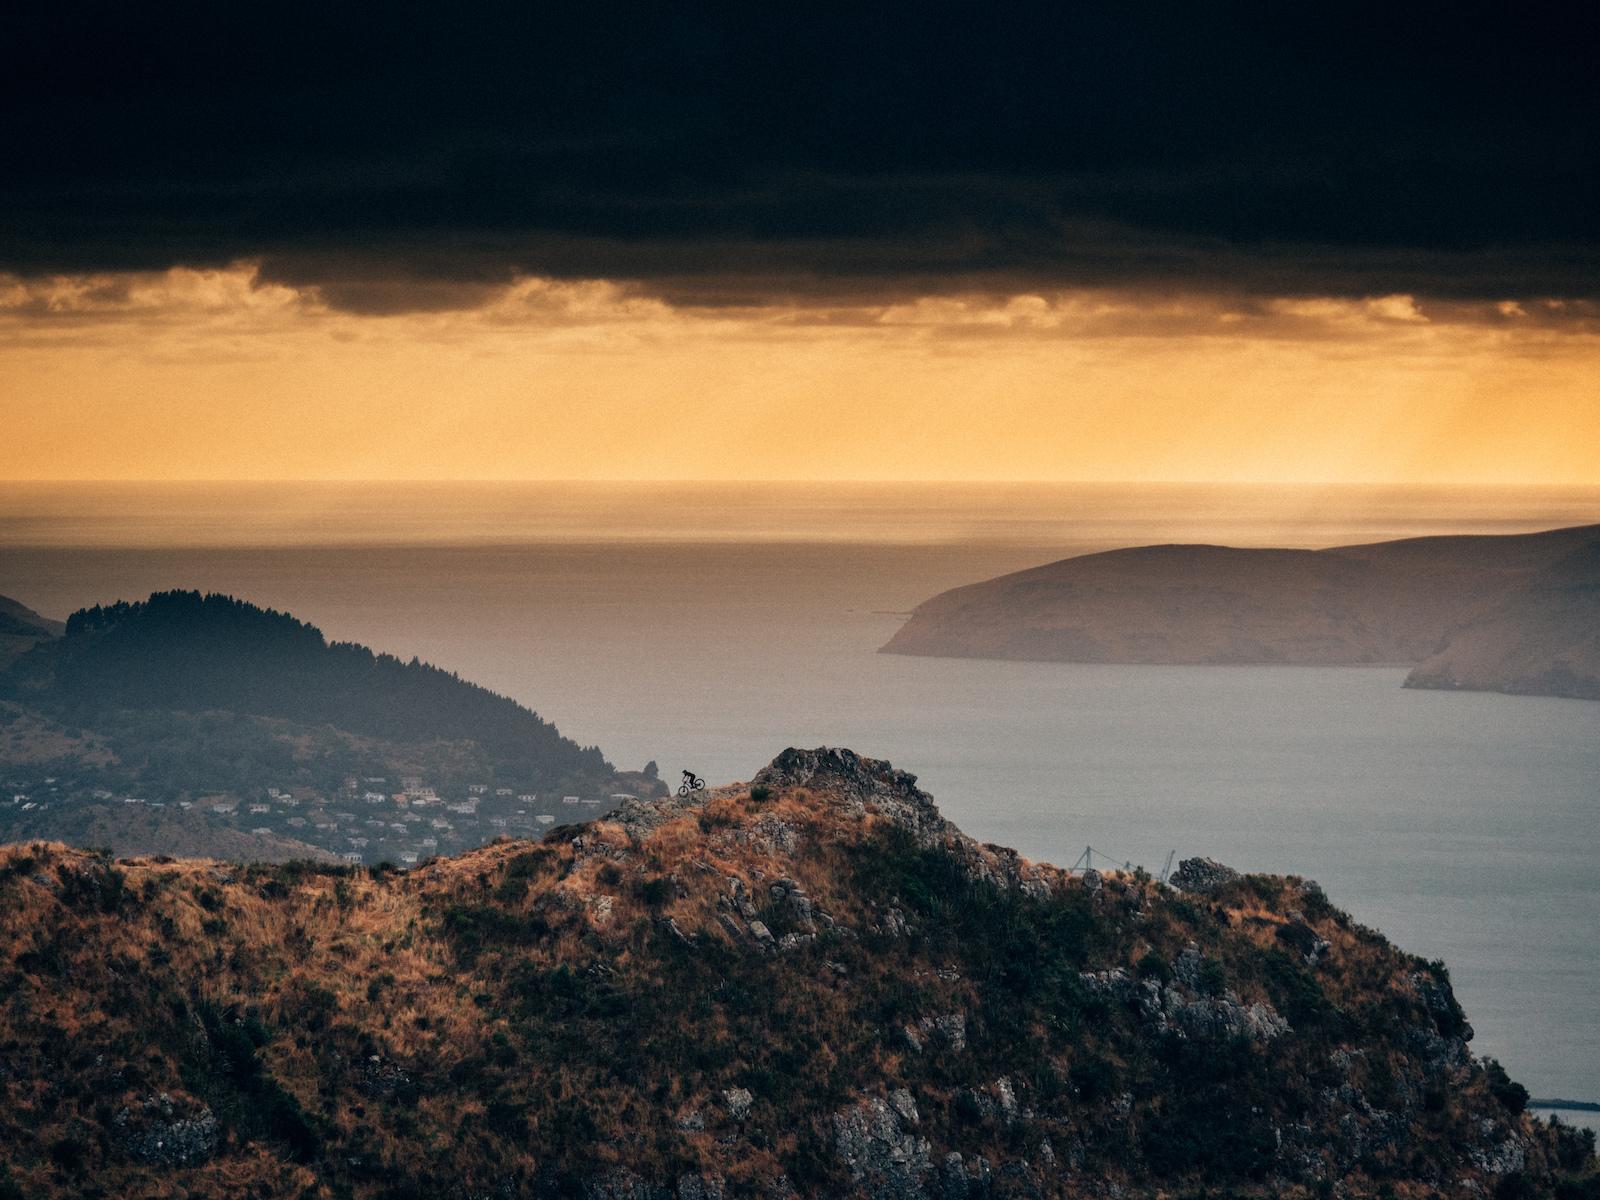 Sunrise above, Lyttelton - New Zealand